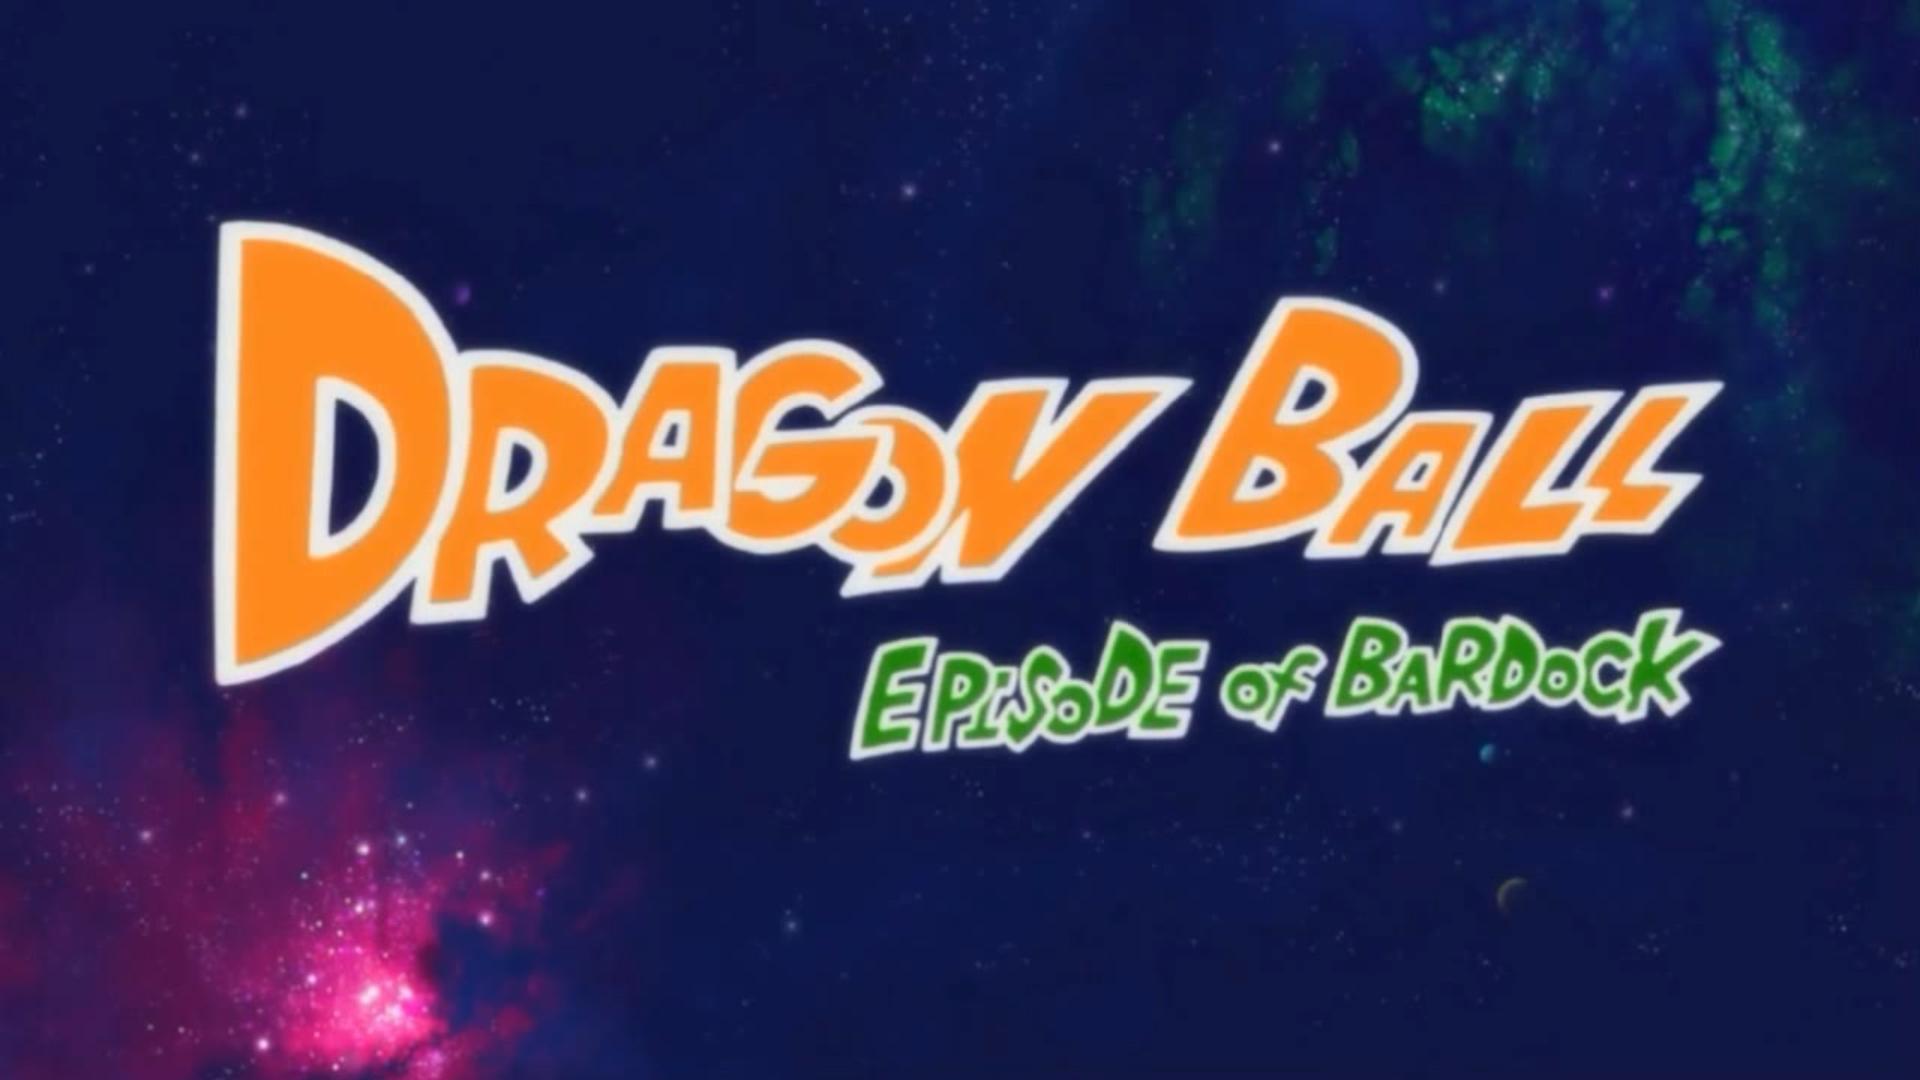 Dragon Ball: Episodio de Bardock (OVA)